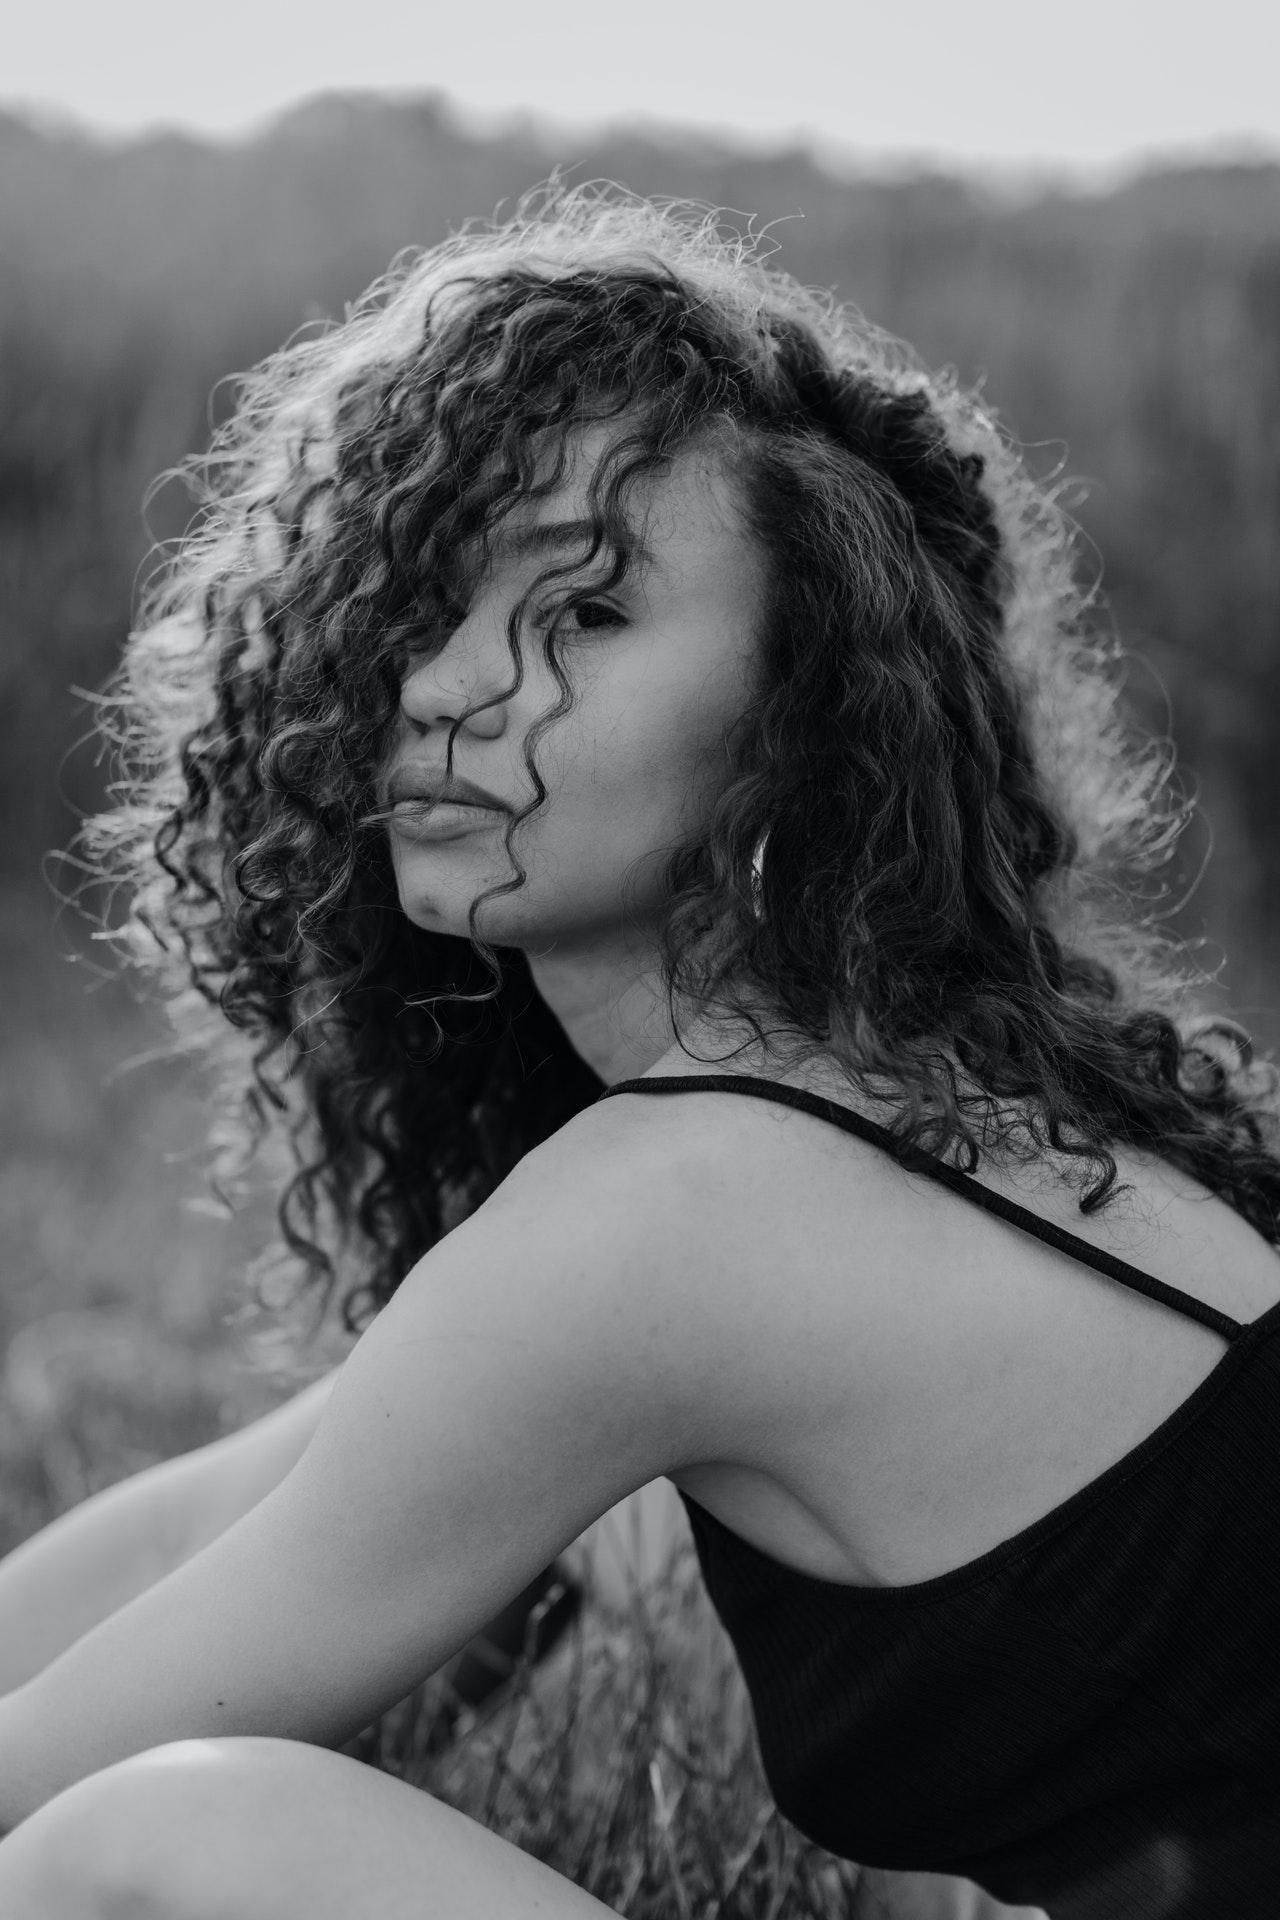 Vlada Karpovich/Pexels